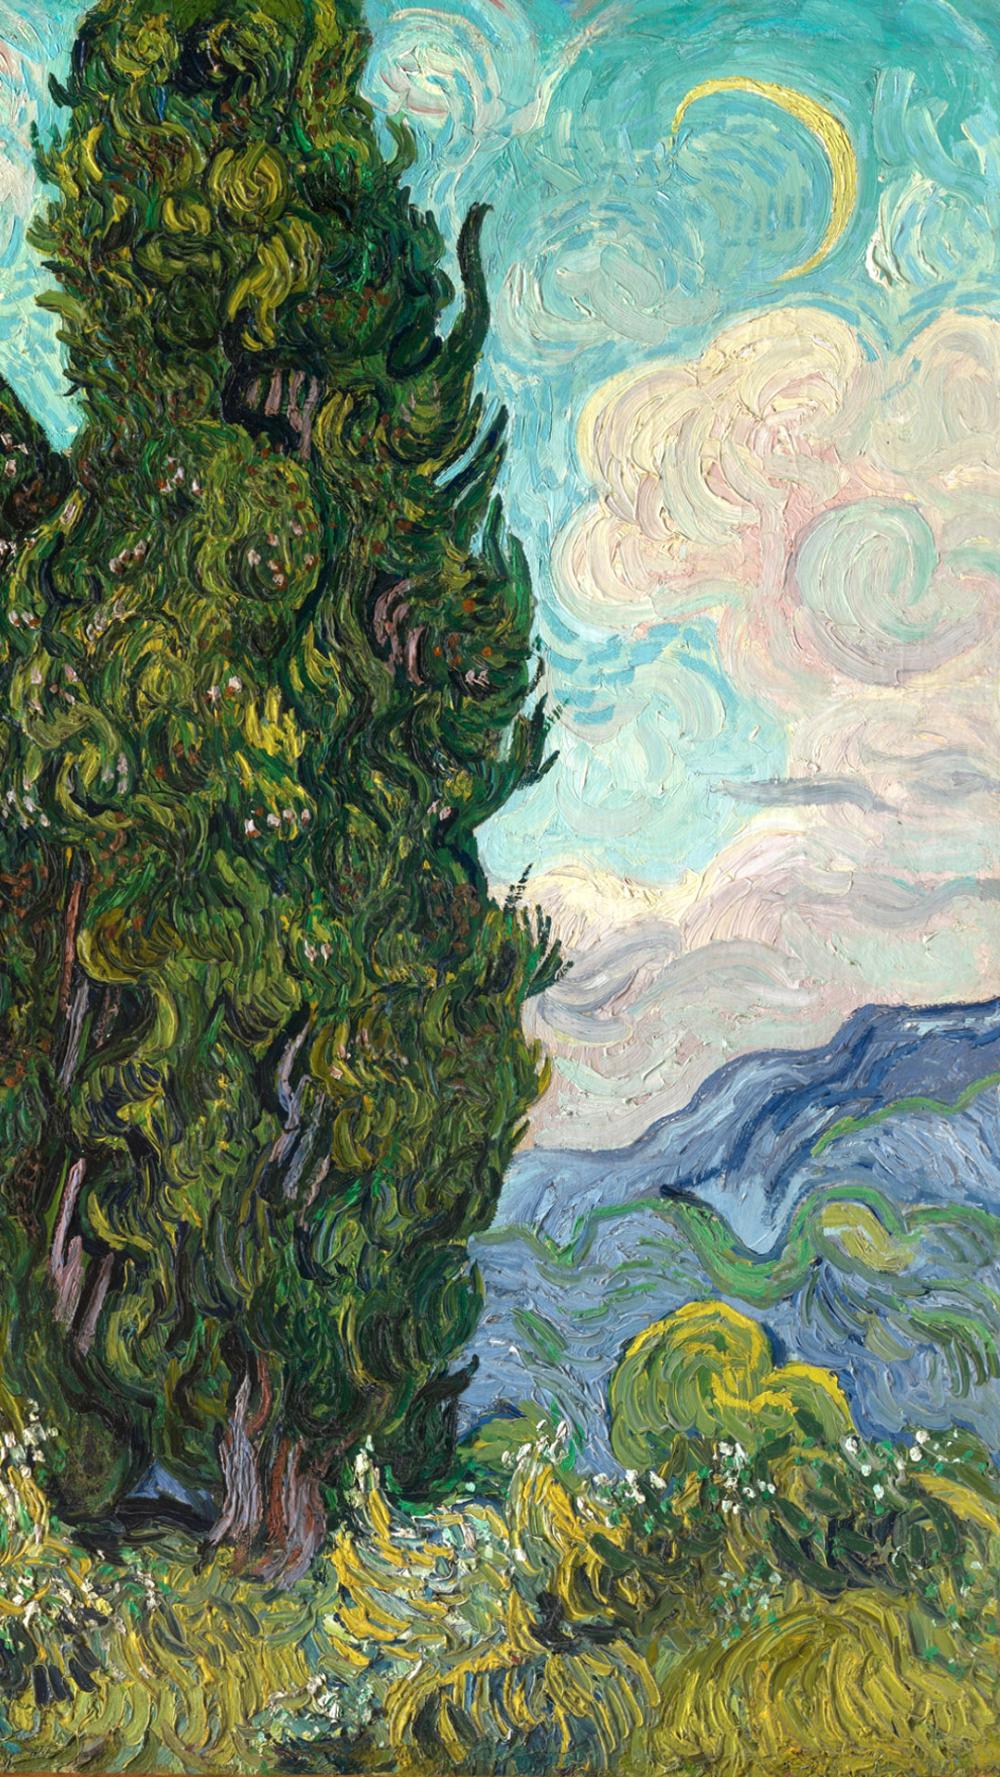 フィンセント・ファン・ゴッホ / Cypresses カラフルな絵, 印象派絵画, ゴッホ 絵画